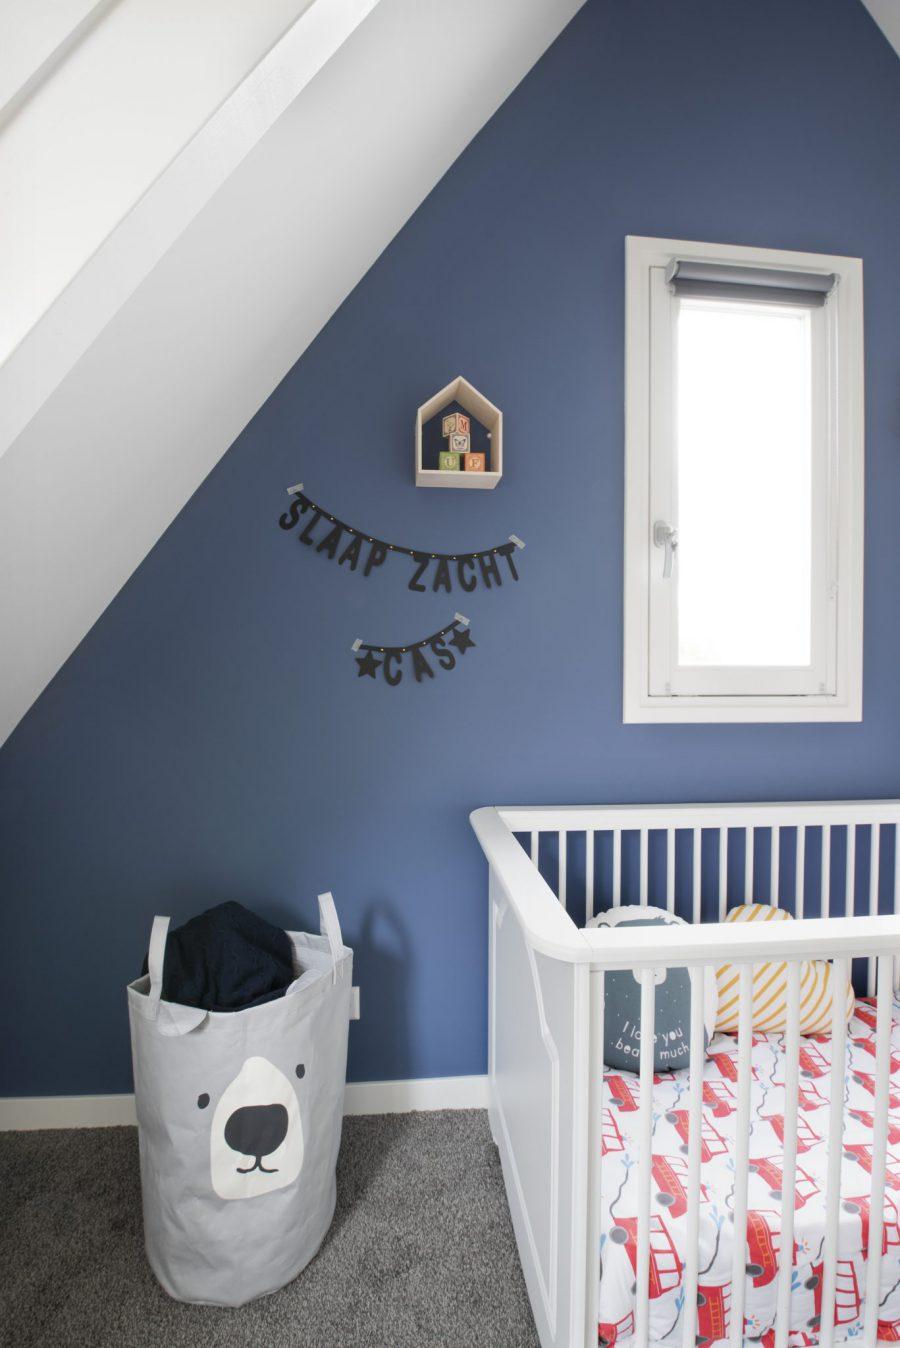 Kinderkamer jongenskamer interieuradvies styling interieurontwerp Hedel